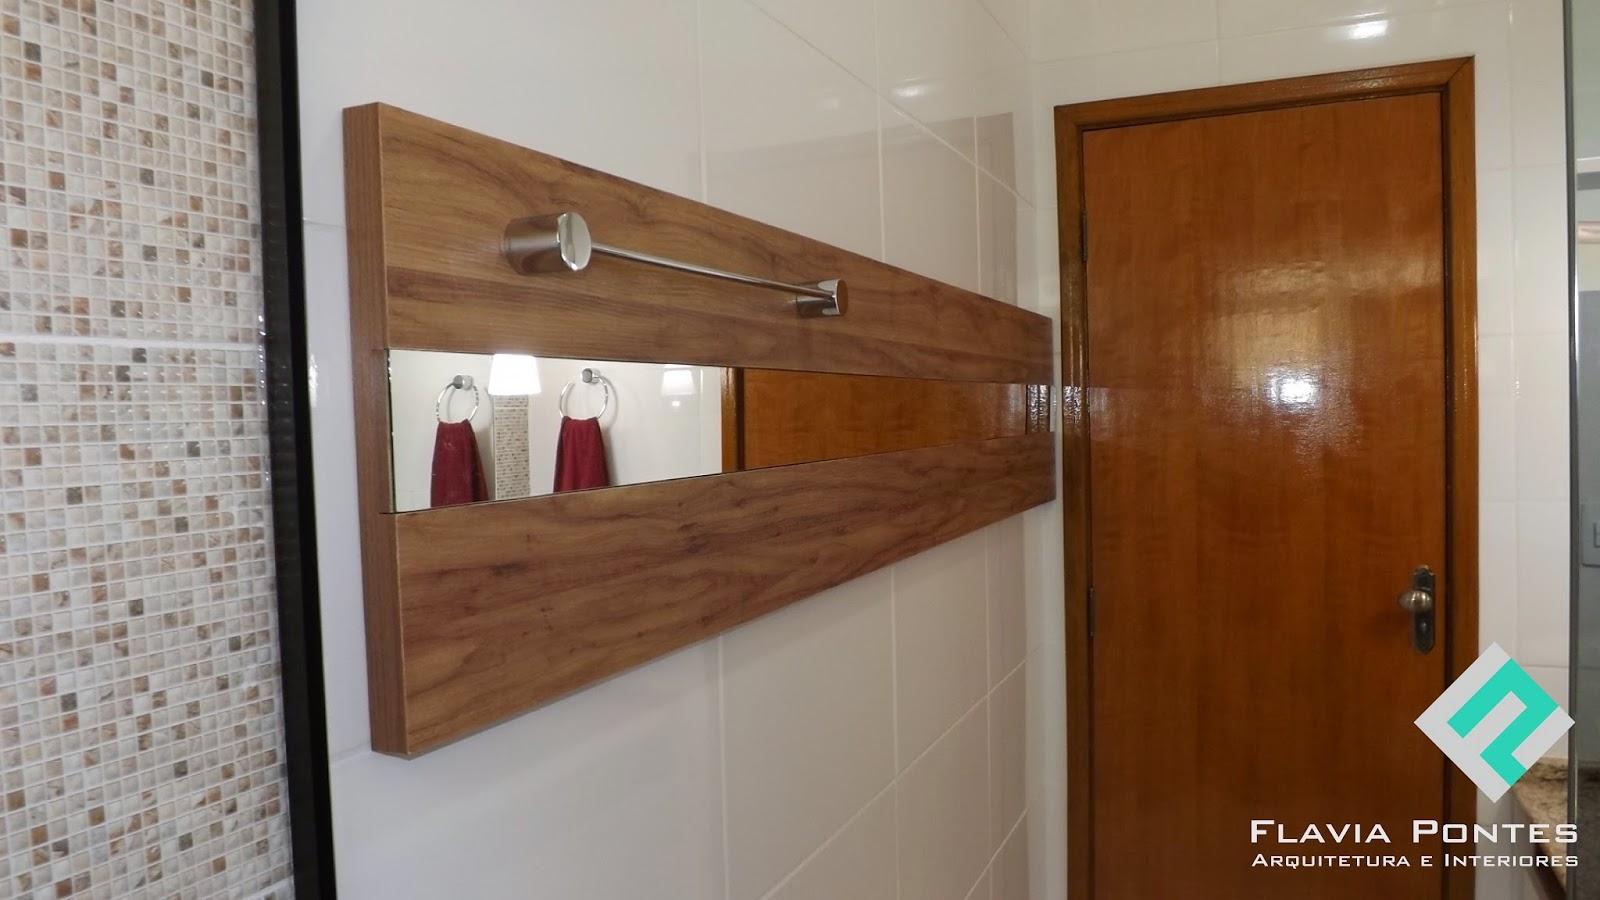 Flavia Pontes Arquitetura: Abril 2014 #22A993 1600x900 Banheiro Amadeirado